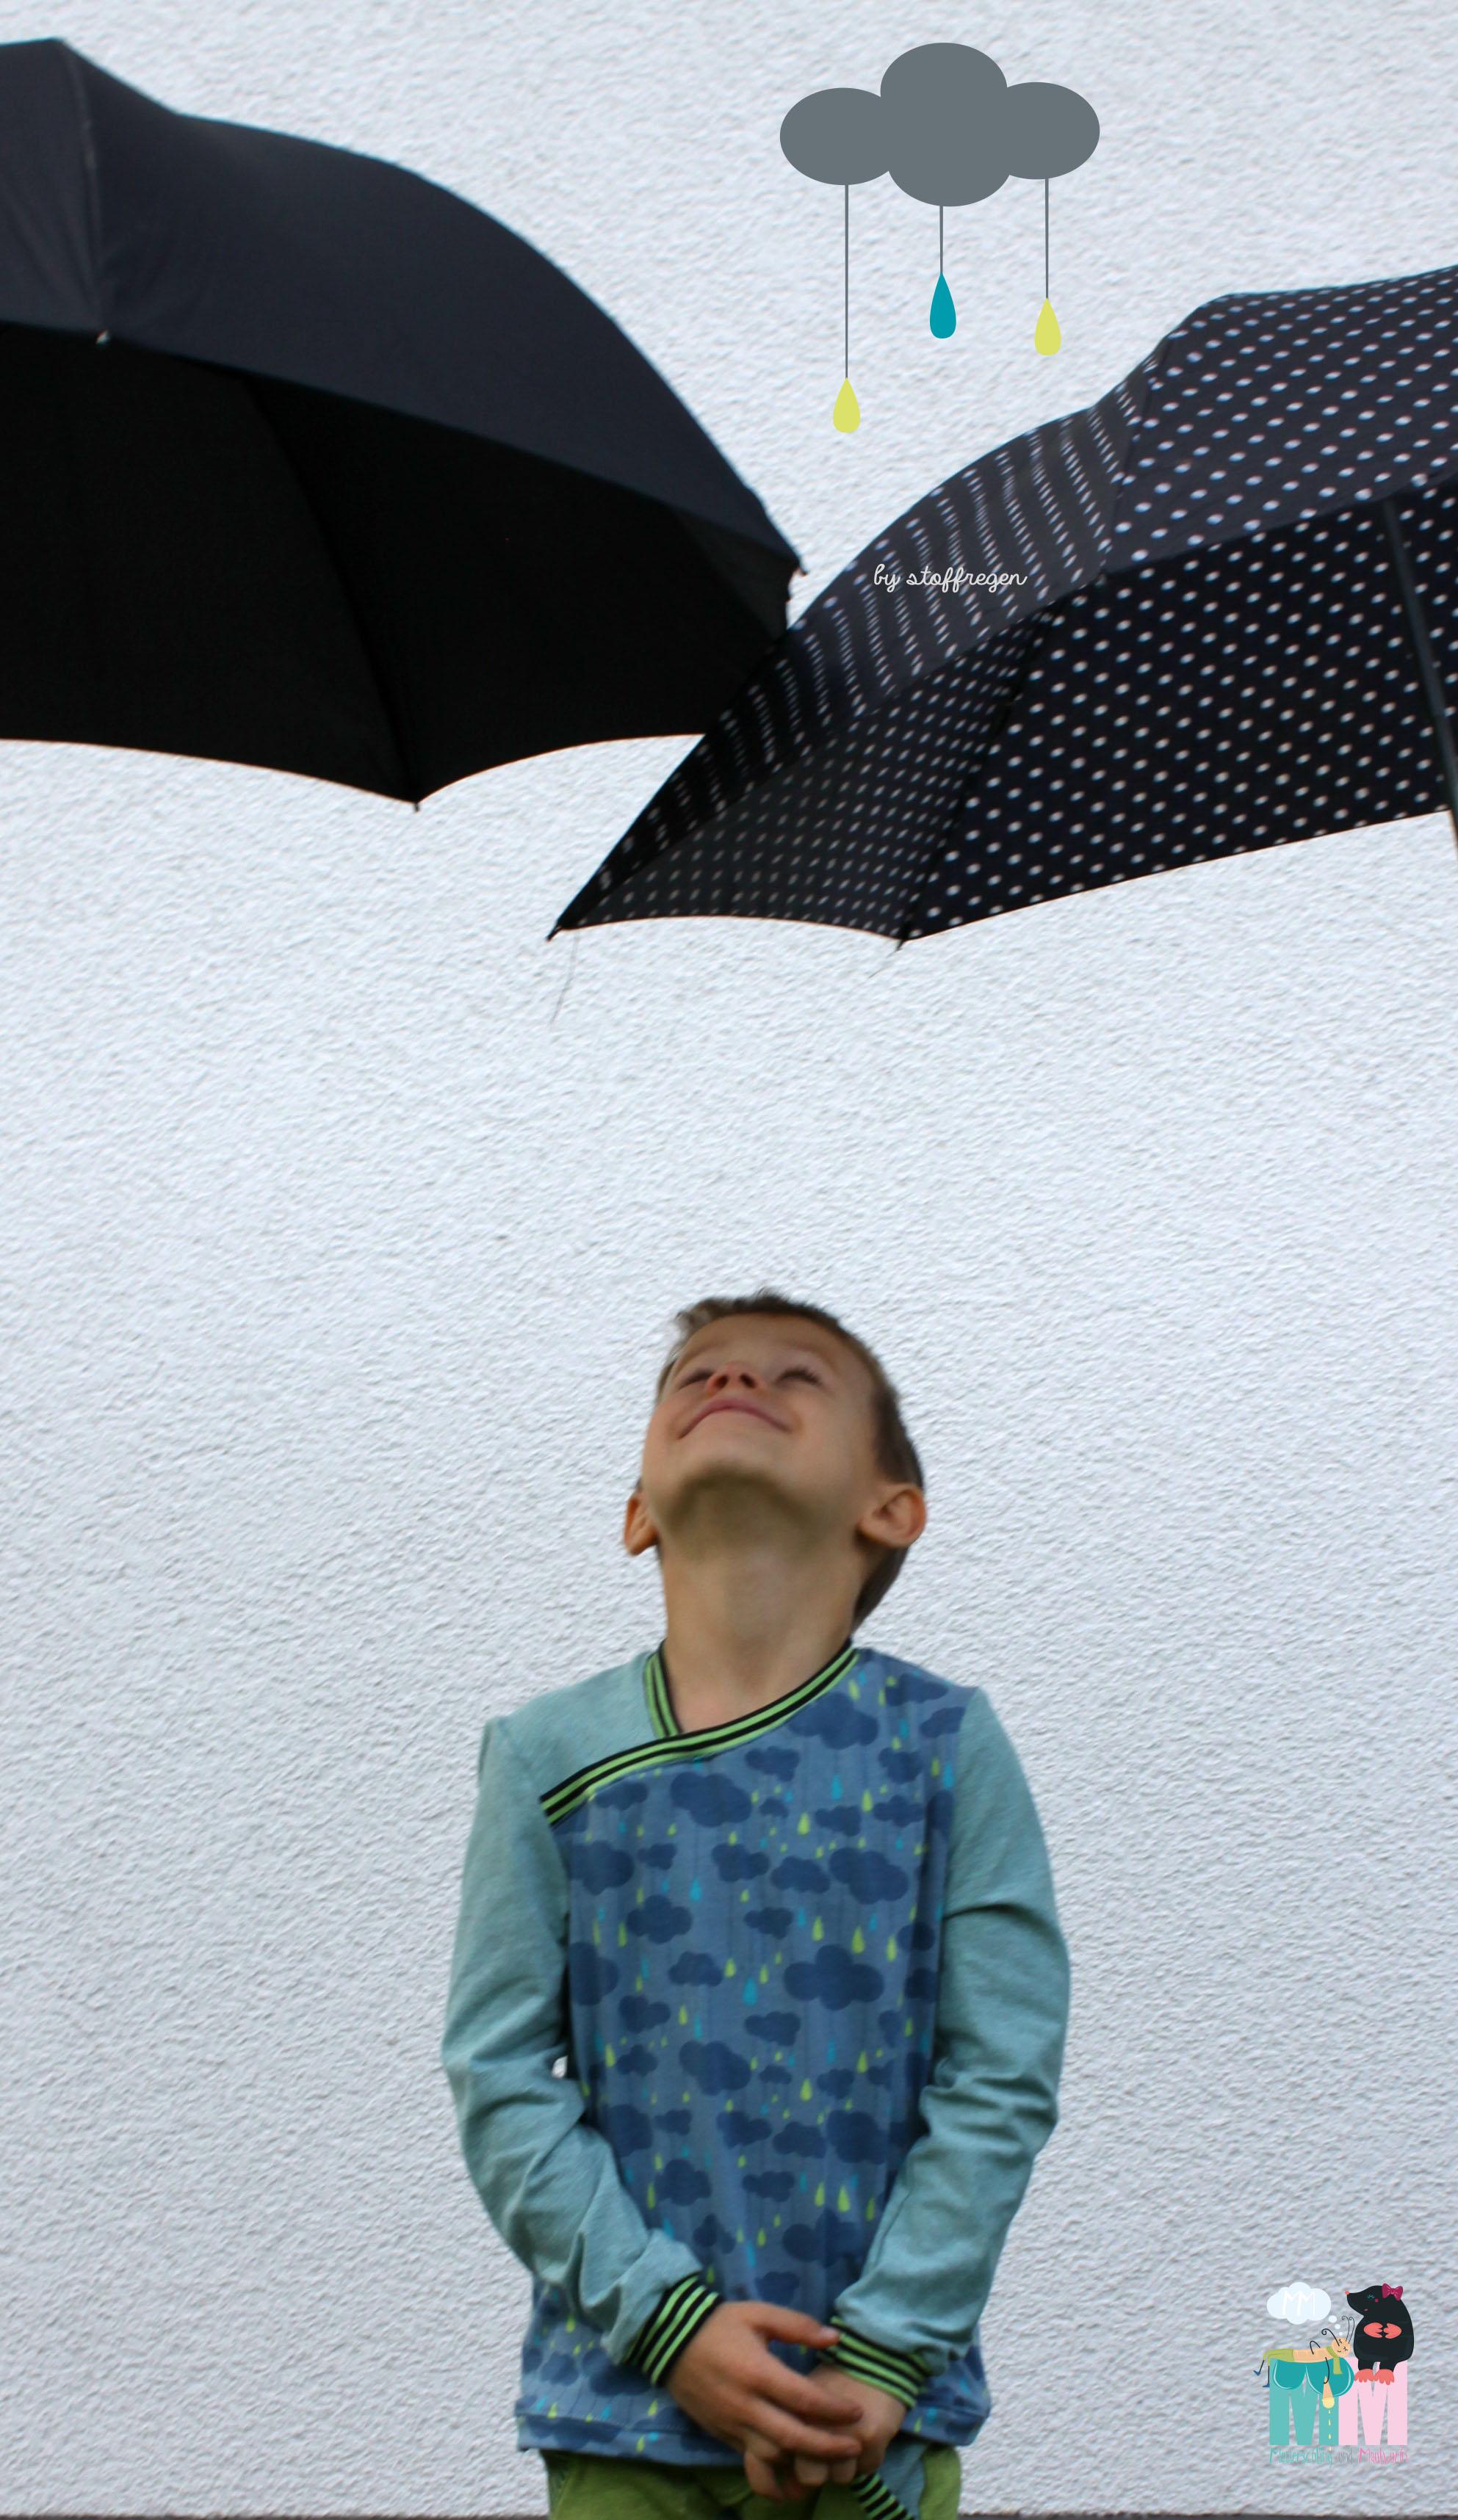 Mettersching_maulwurfn_Stoffregen_wolkenbruch_metterschlingundmaulwurfn (7)